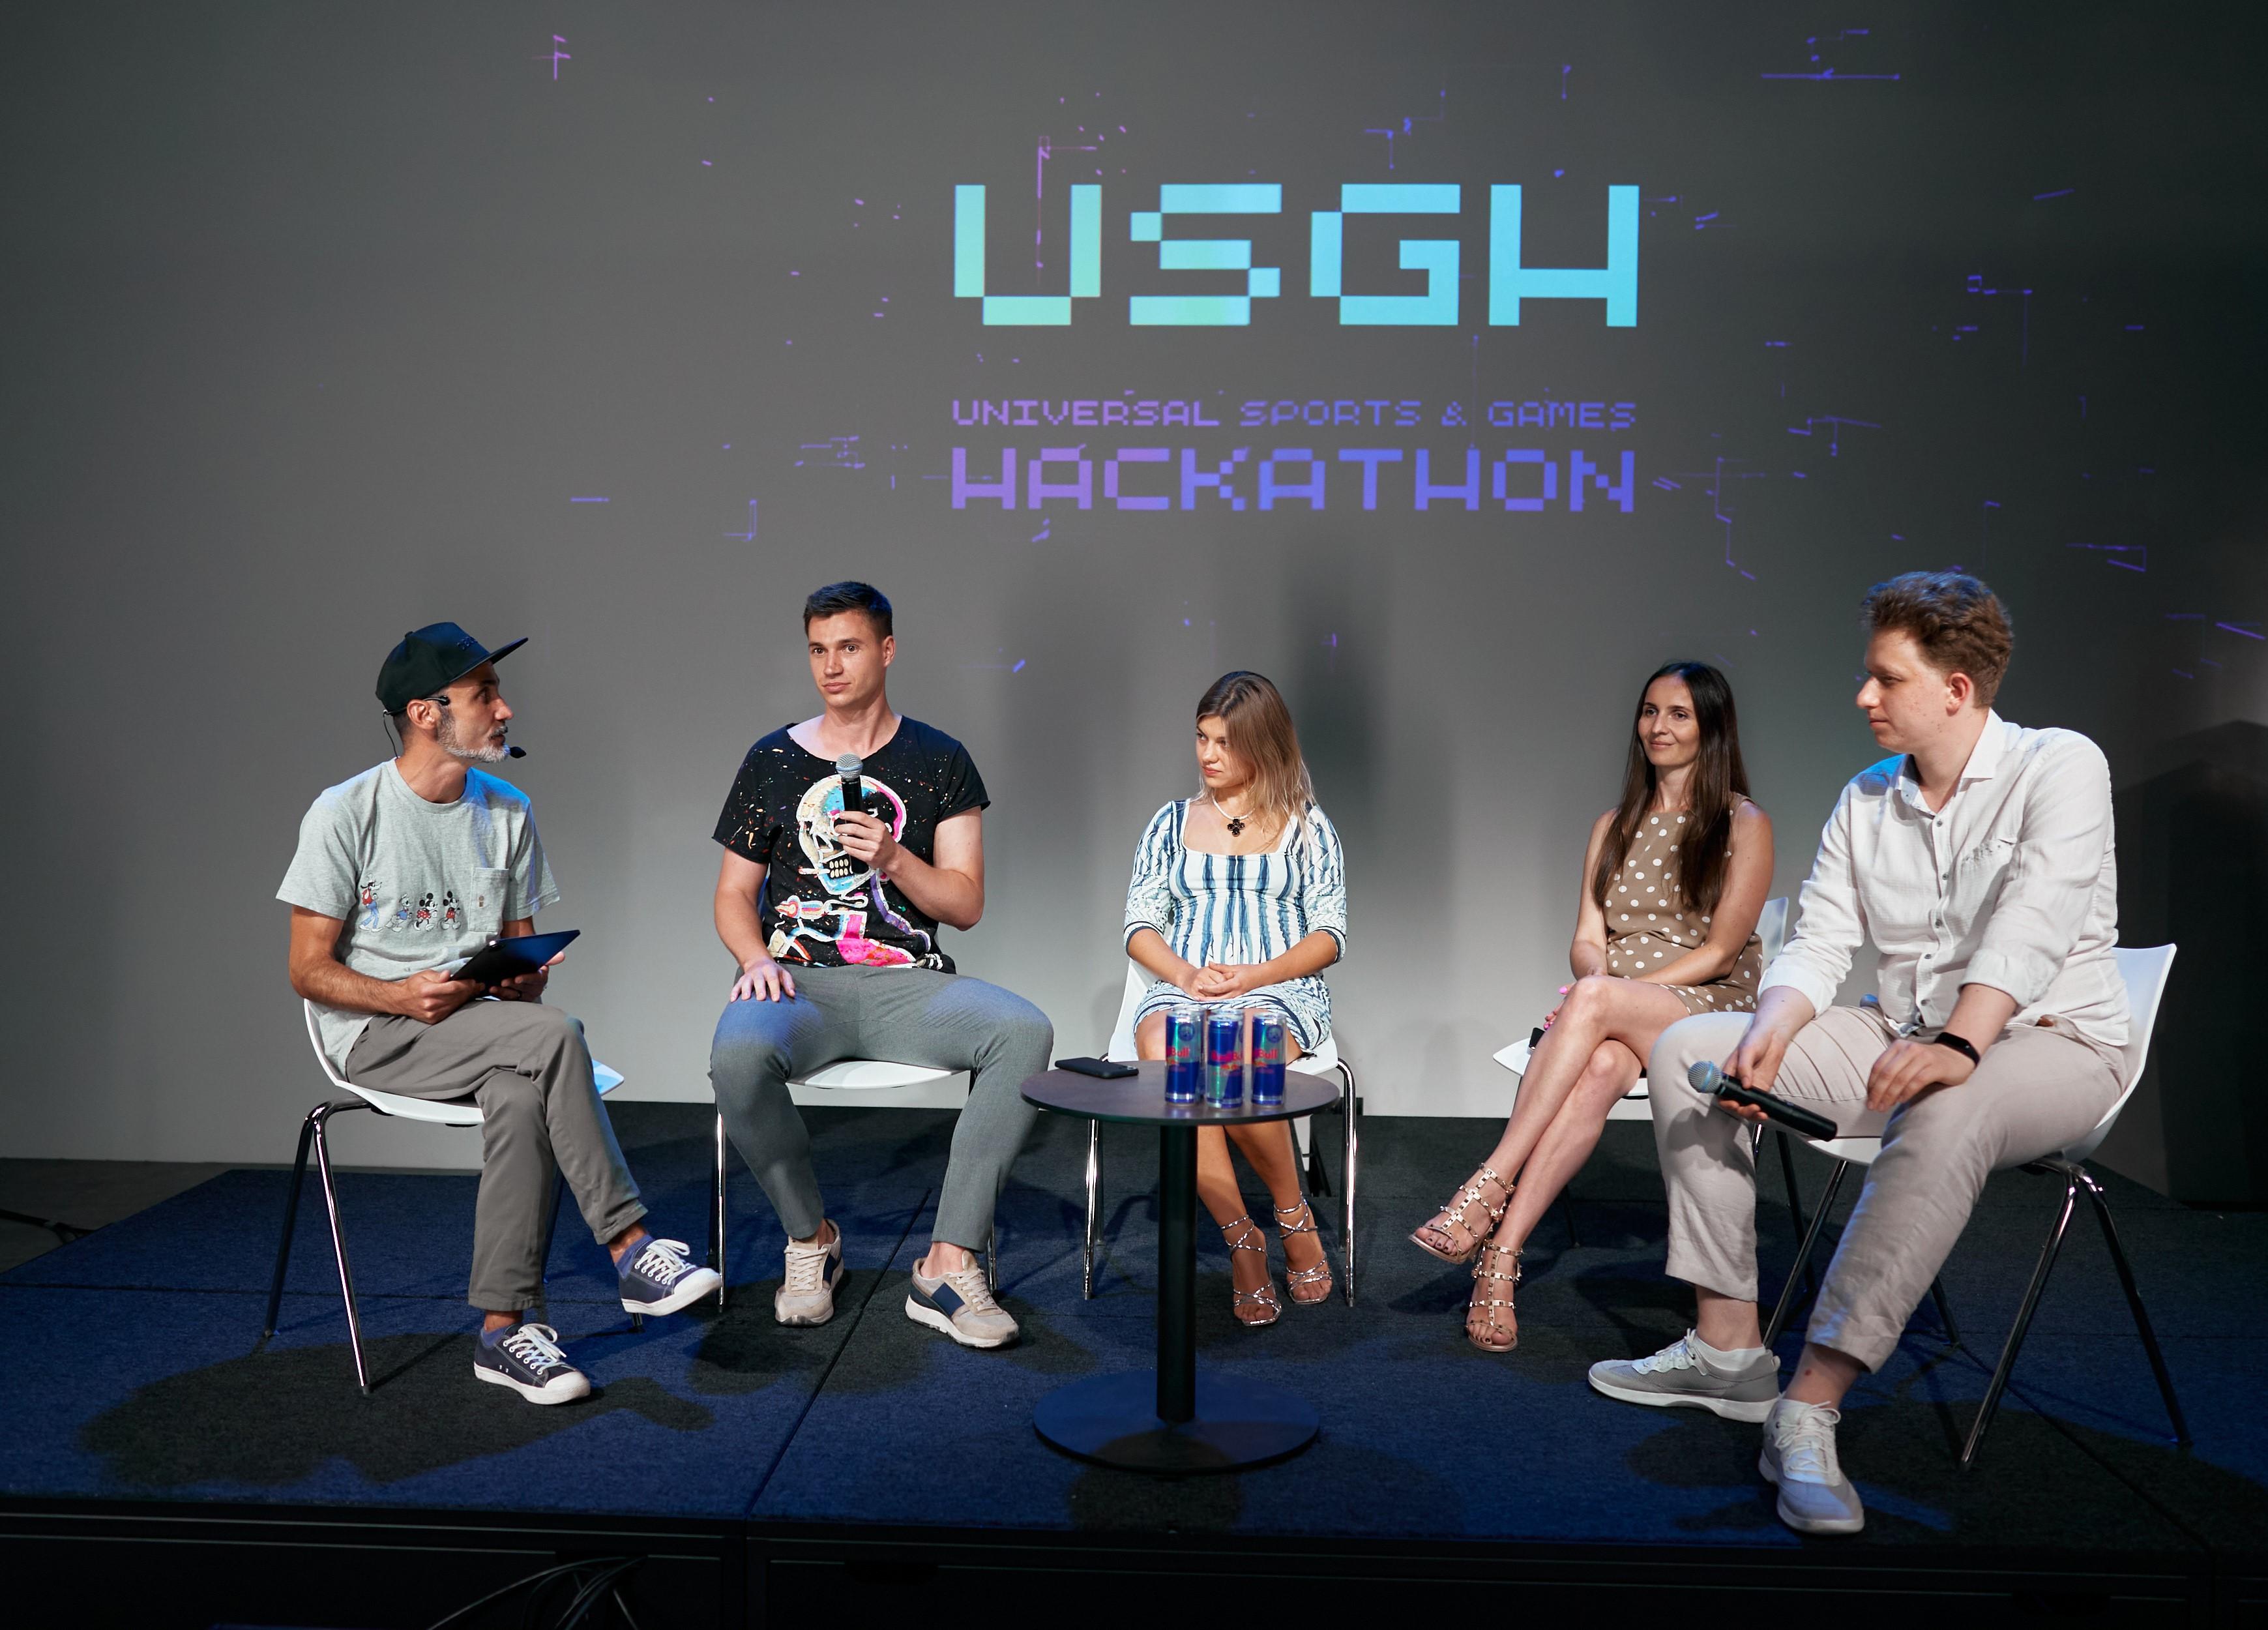 Онлайн-хакатон #USGH: новые идеи, решения, имена